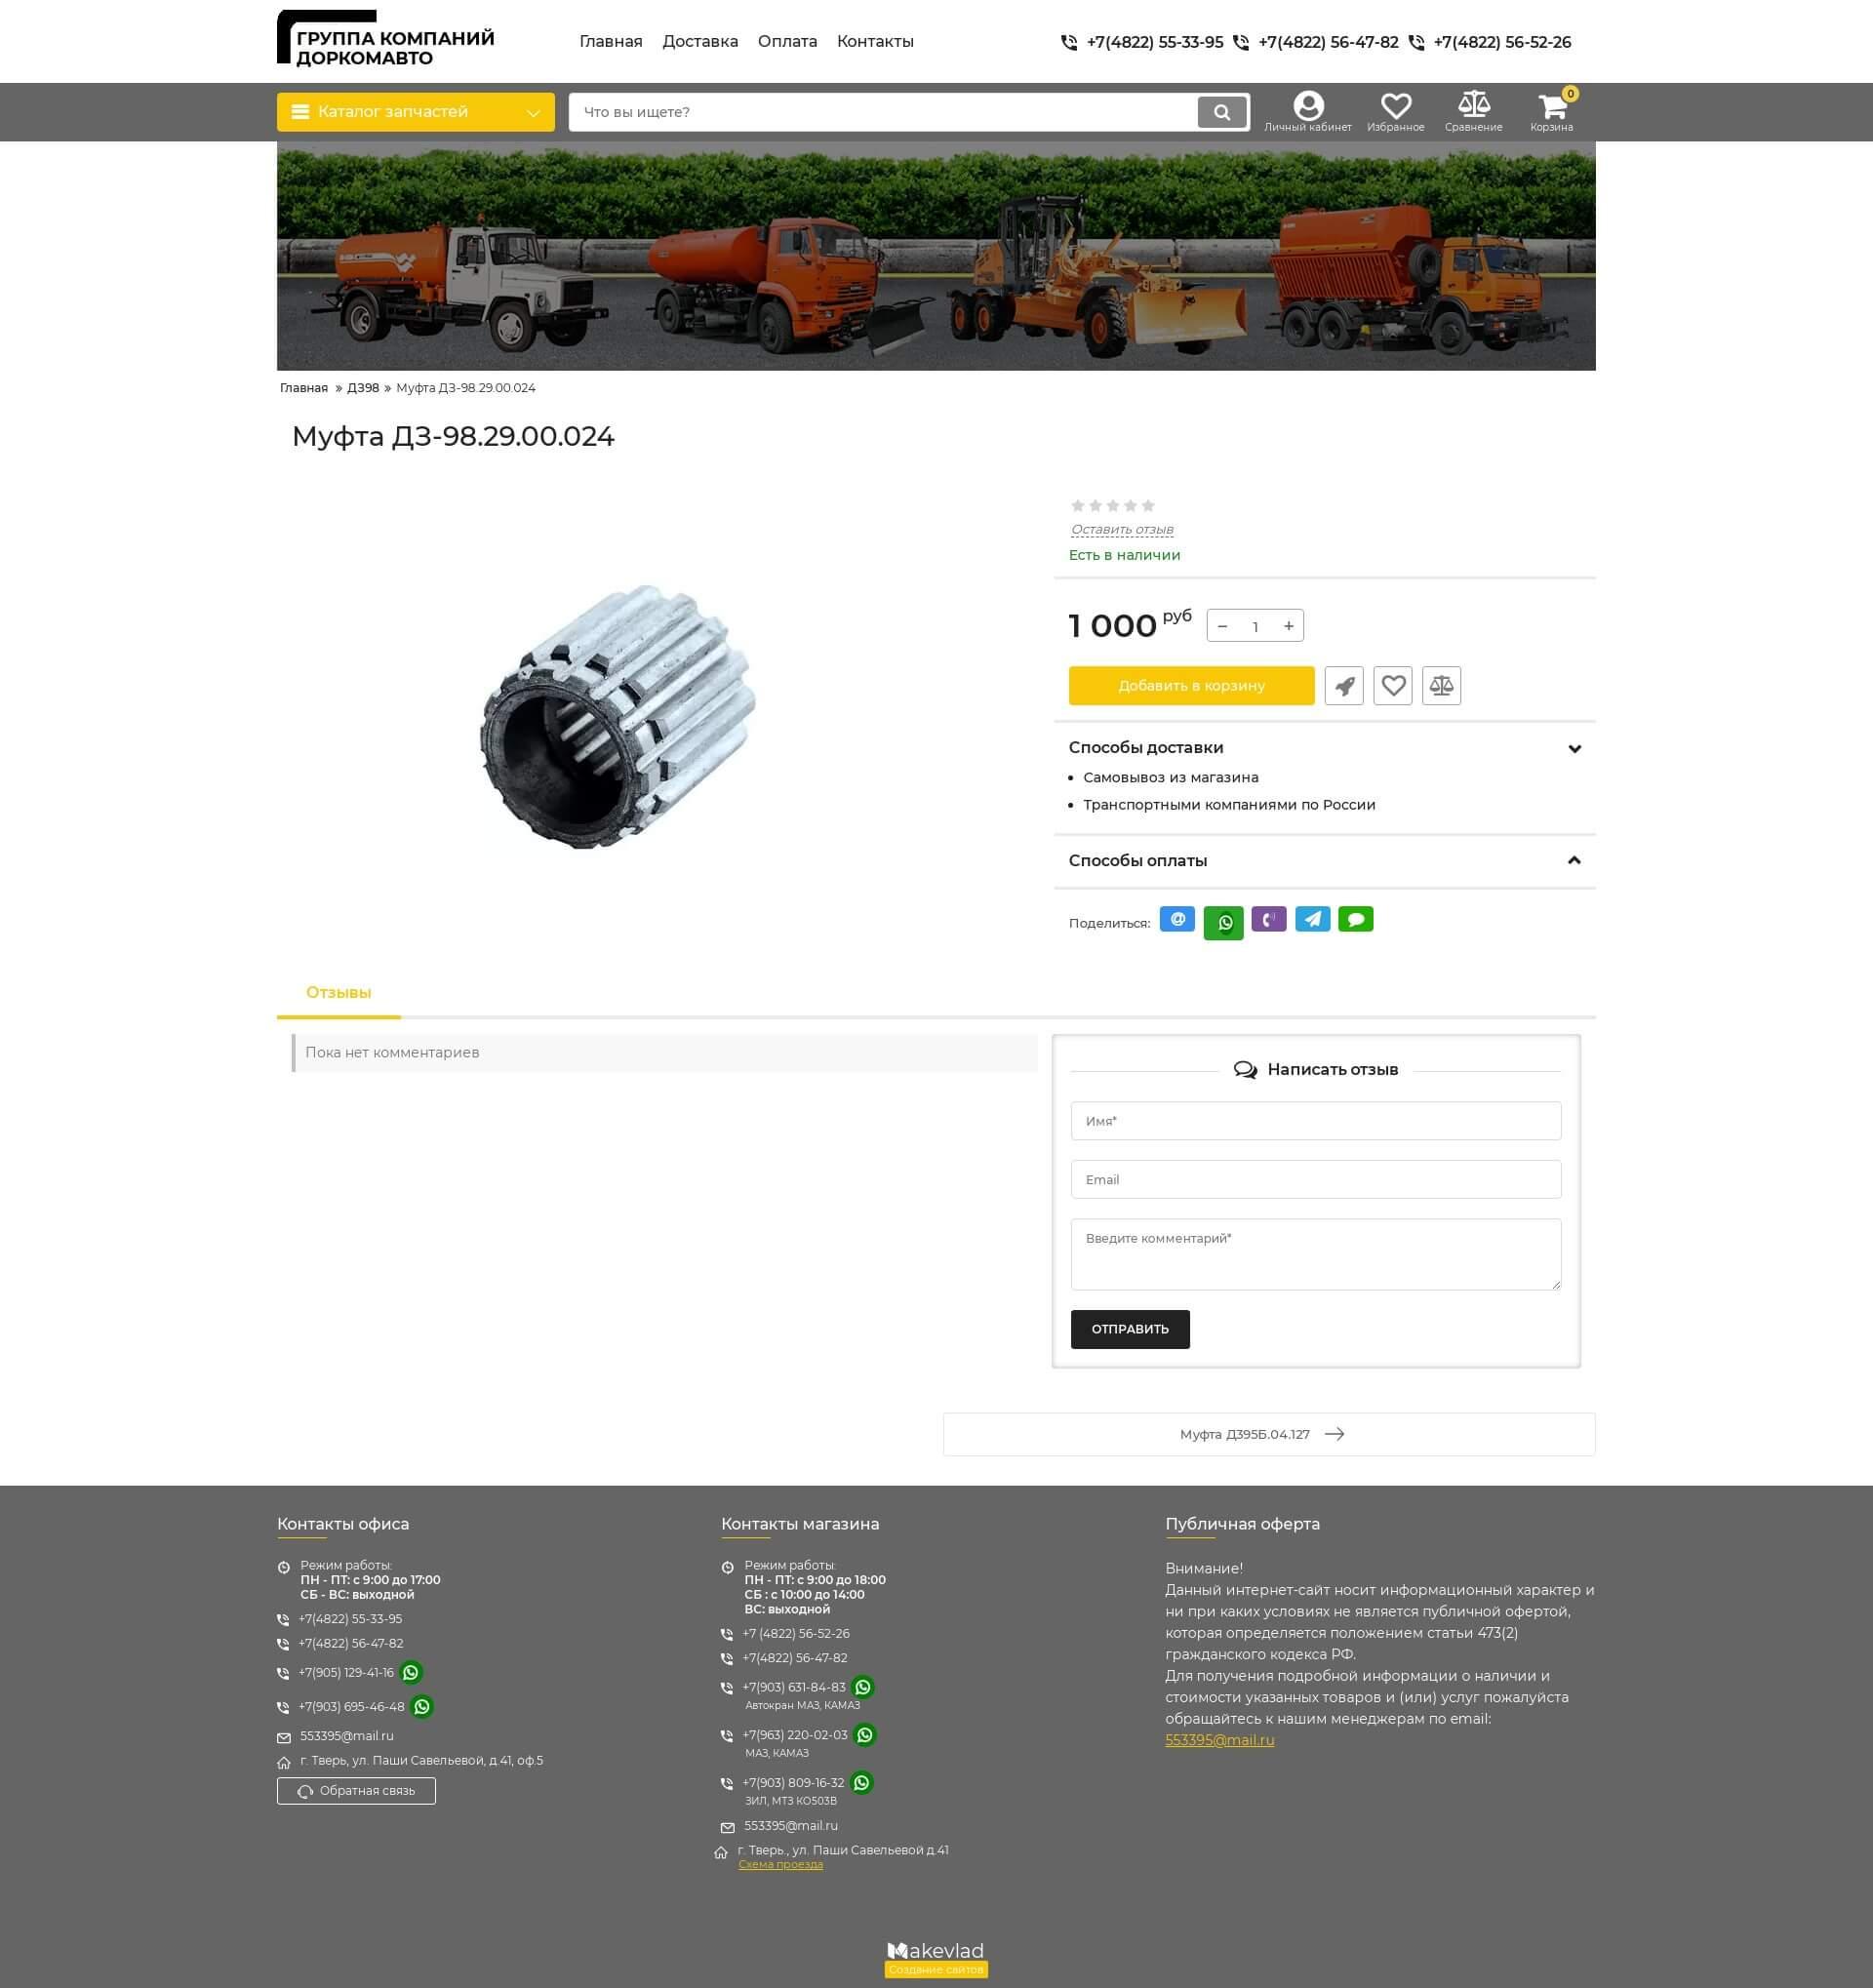 Скриншот №3 страницы сайта во весь экран. Интернет магазин автозапчастей для спецтехники